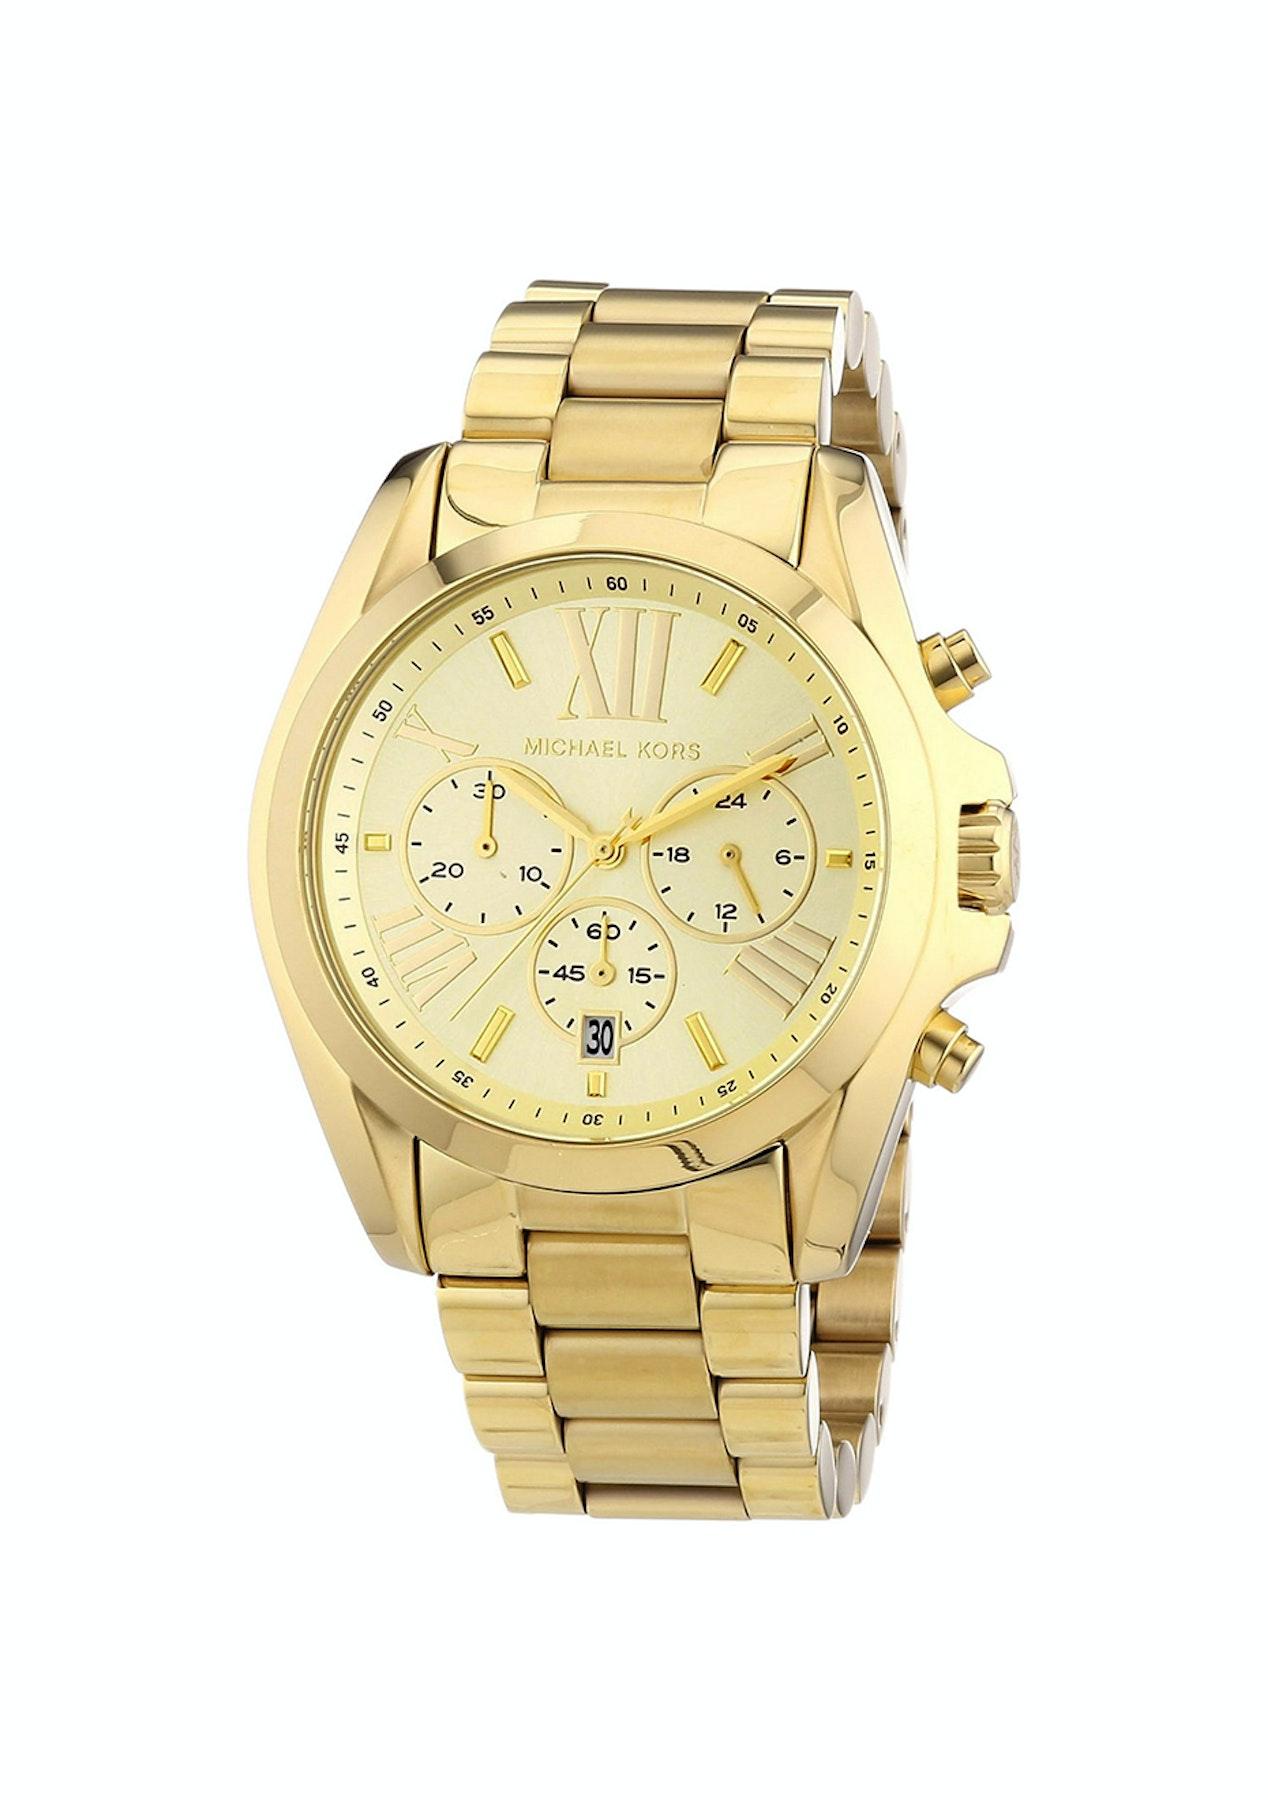 54707cd28e6 Michael Kors Women's Bradshaw - Gold - New Year, New Watch - Onceit